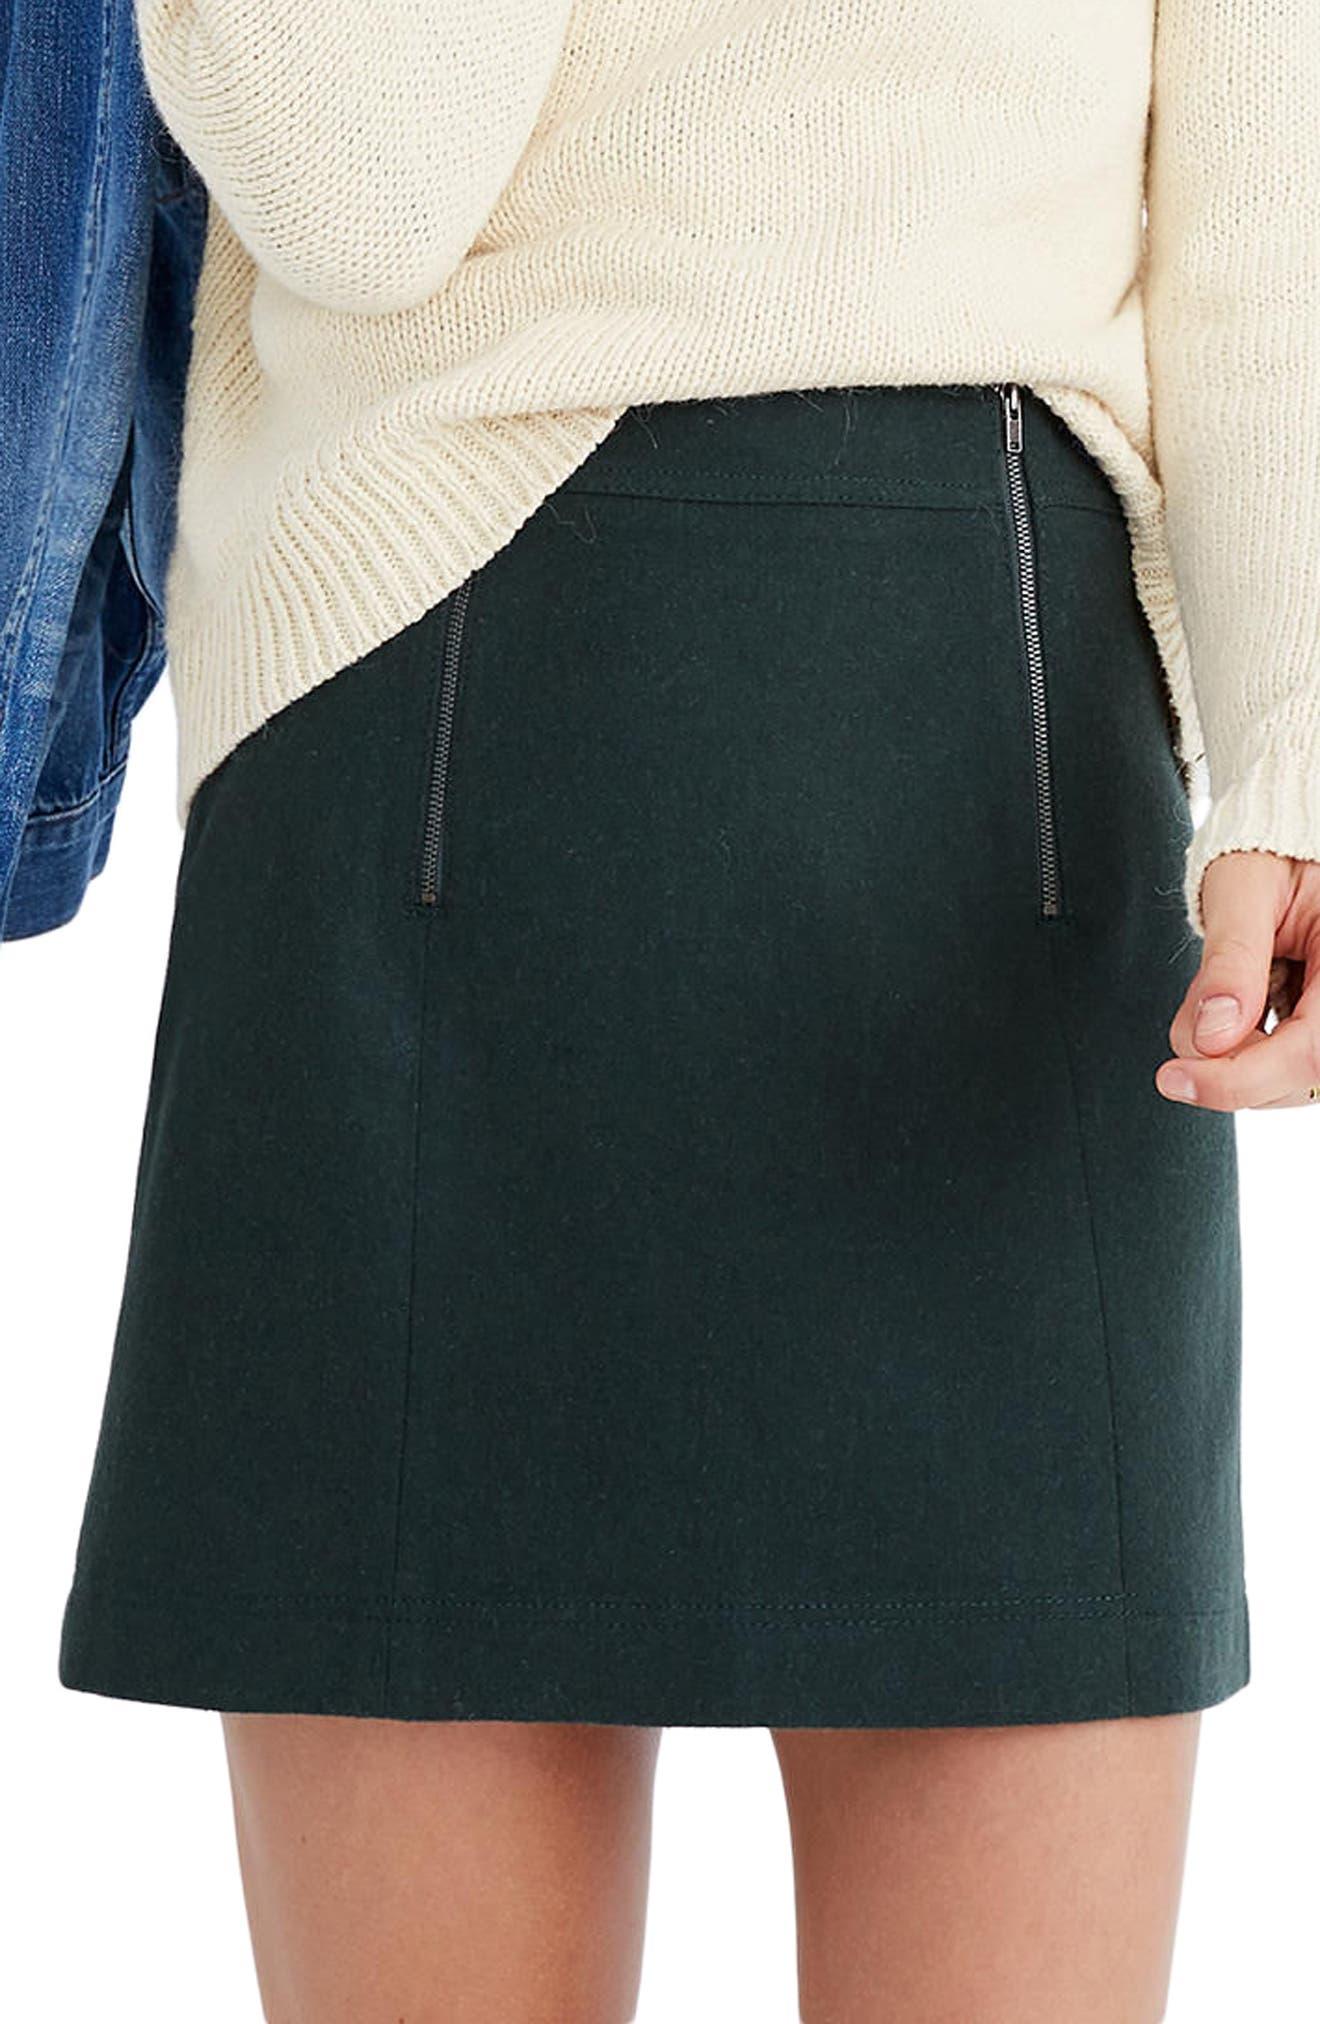 Madewell Uptown Zip Miniskirt